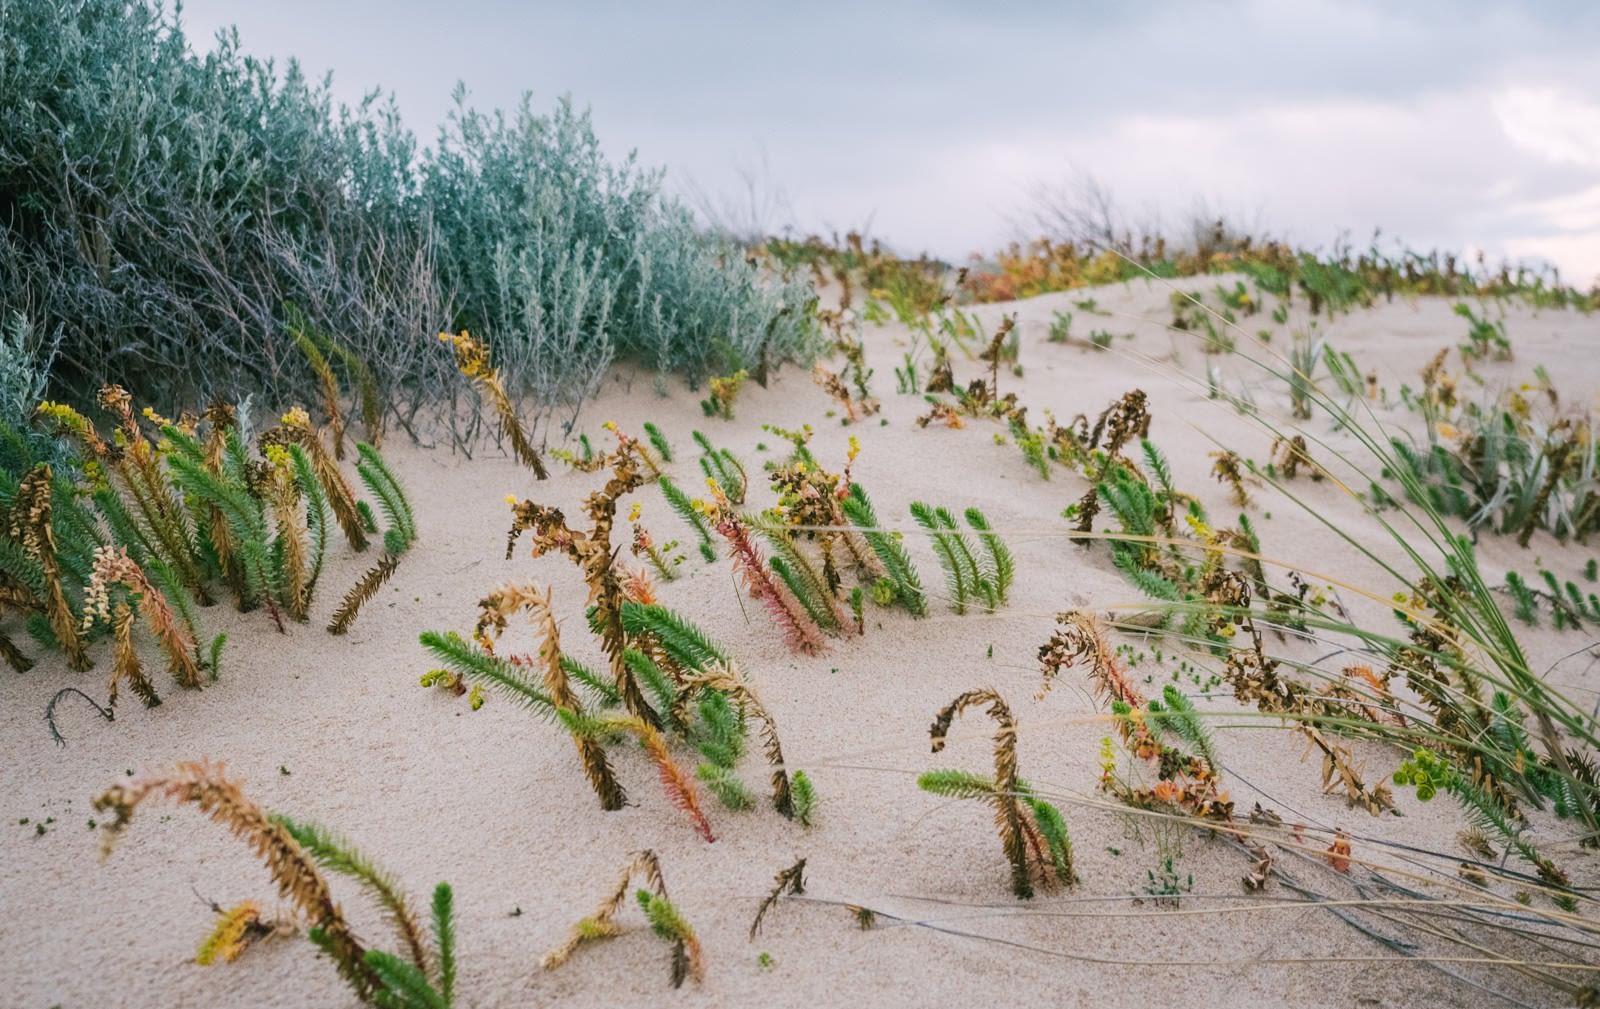 Perth, Australia - Preston beach - Colourful grass